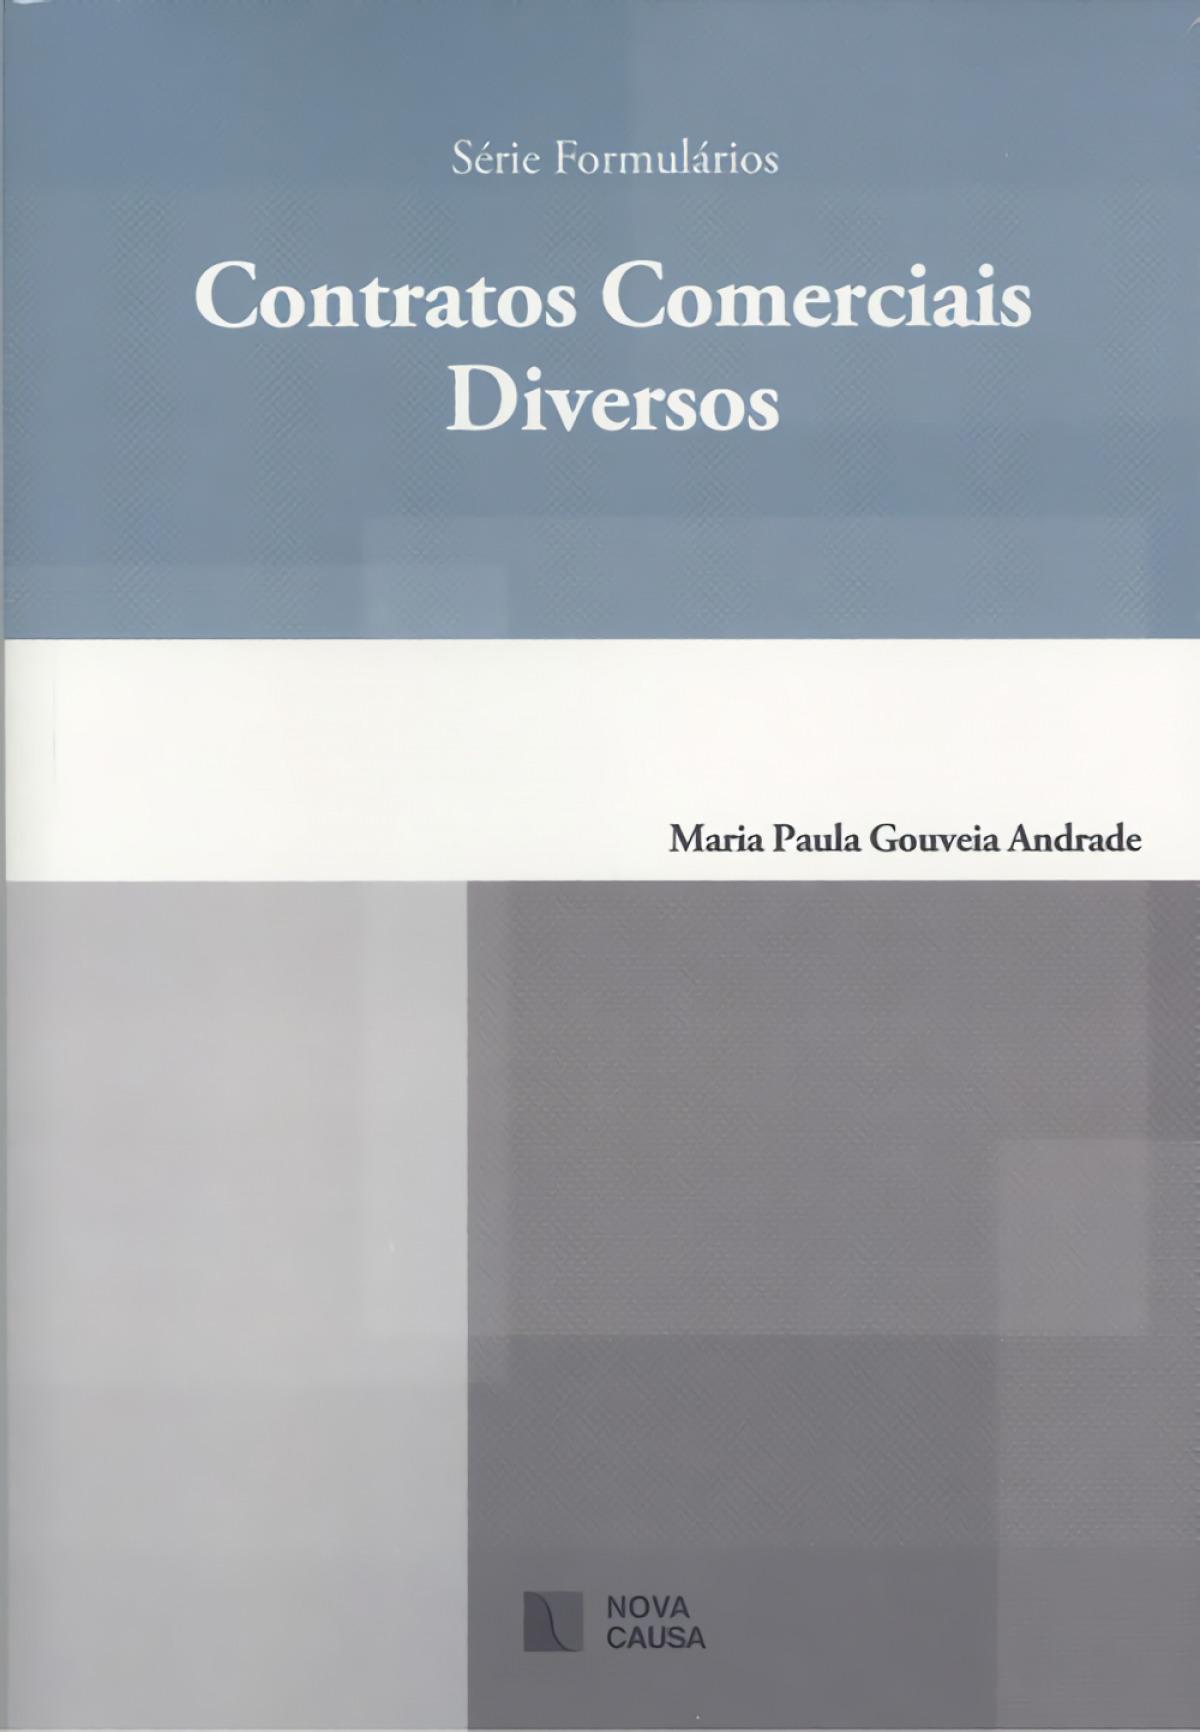 CONTRATOS COMERCIAIS DEVERSOS